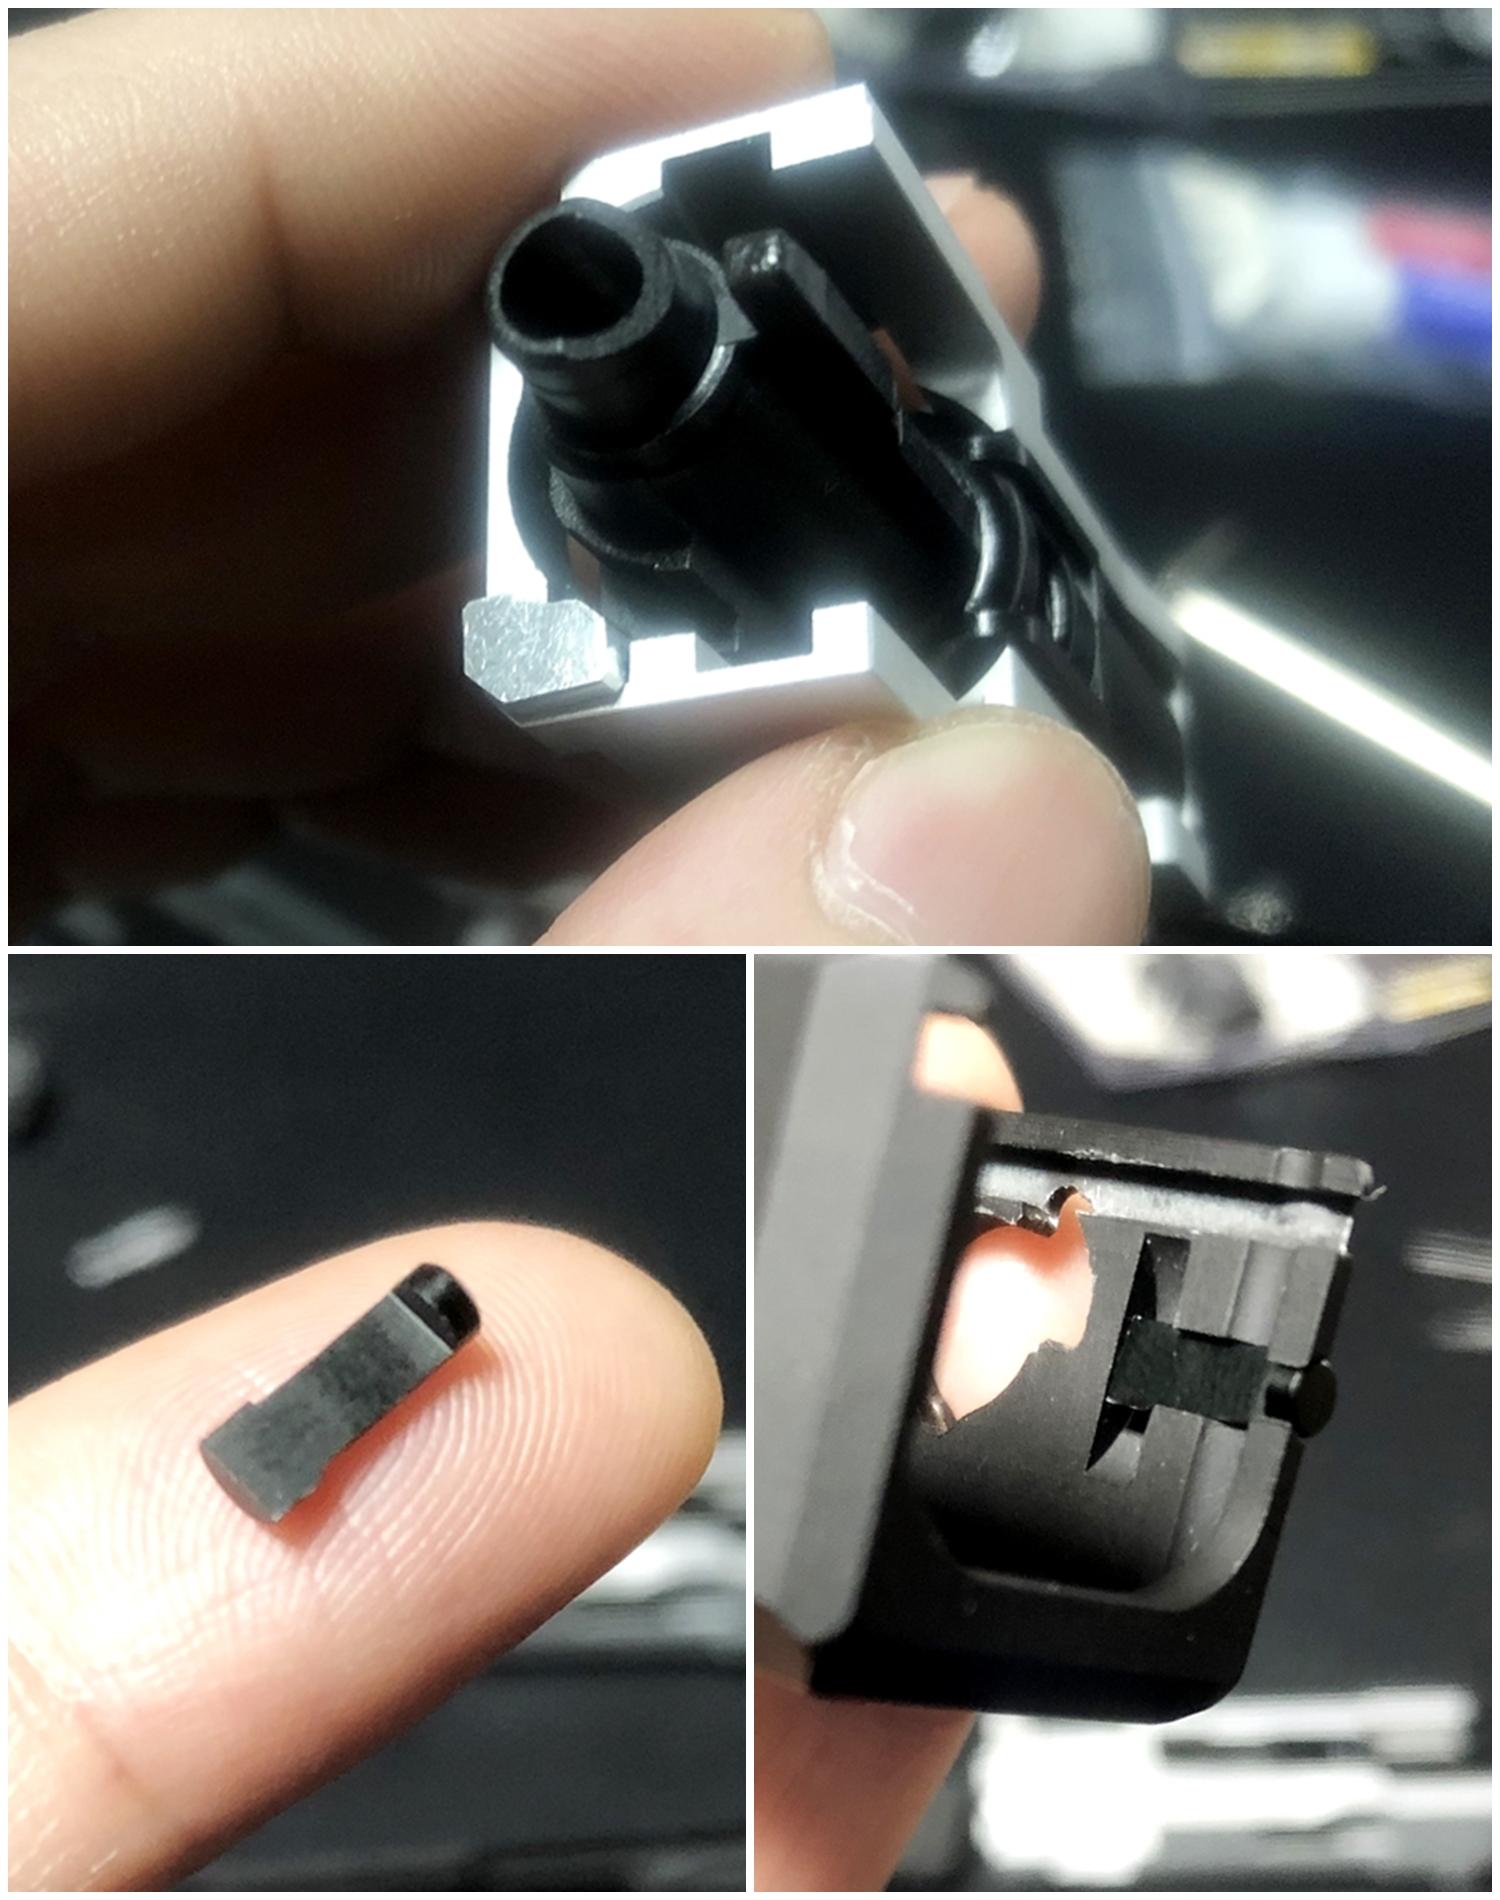 19-3【前半】 SAI GLOCK カスタムスライド G18C 組込完了!! やっと組み立てたぞ!! Guns Modify Salient Arms GM0251 スライドパーツ 購入 組込 分解 取付 カスタム レビュー!!